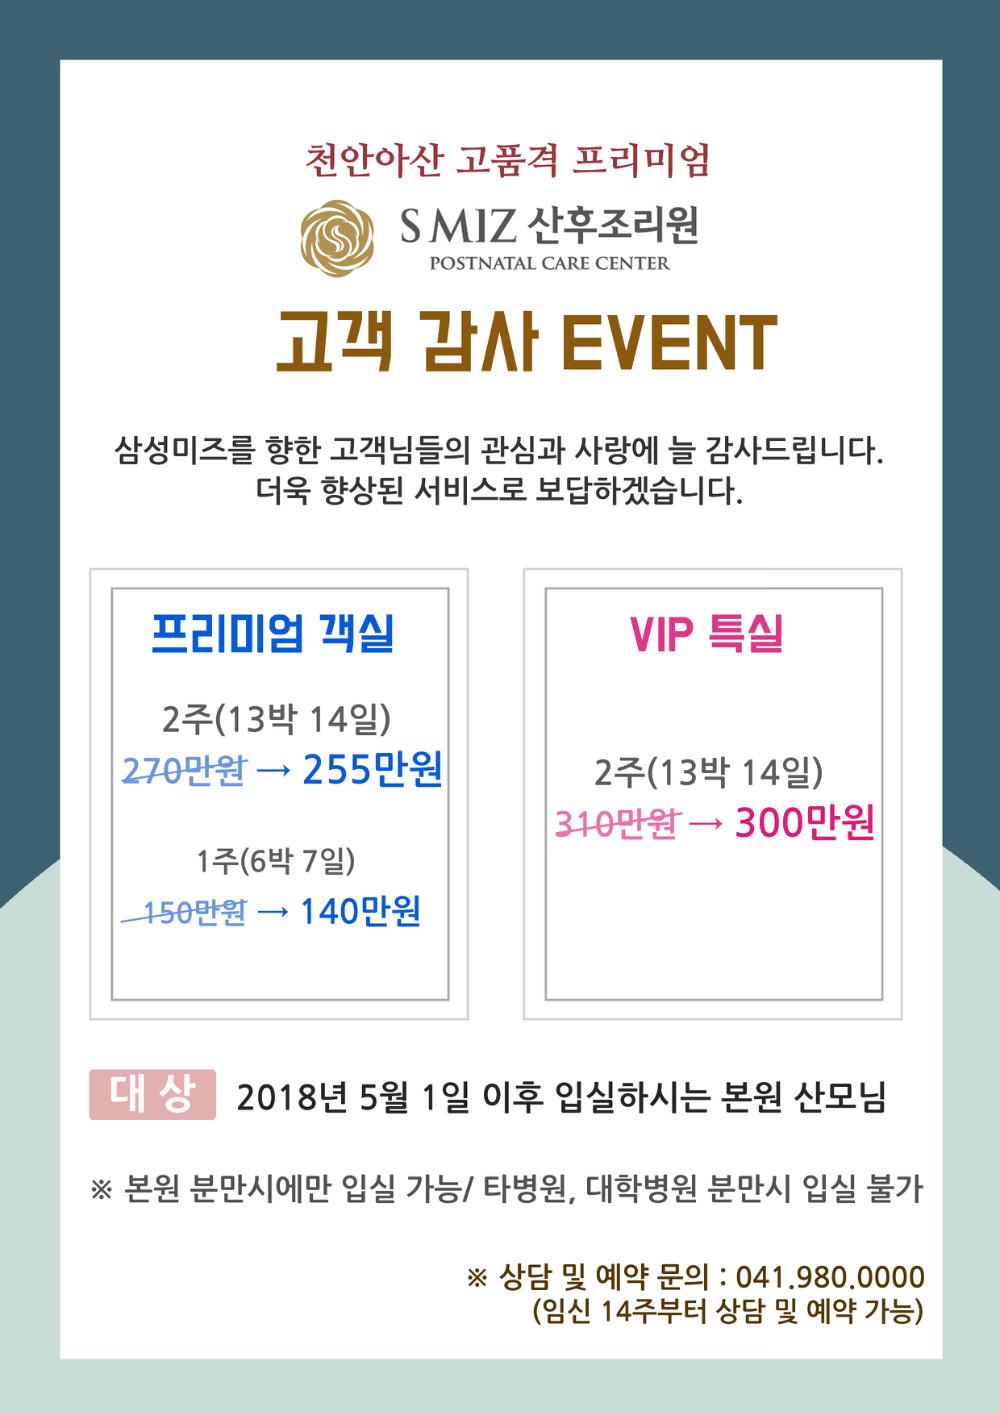 (18년 5월 입실자) 조리원 가격할인 이벤트 171201.jpg